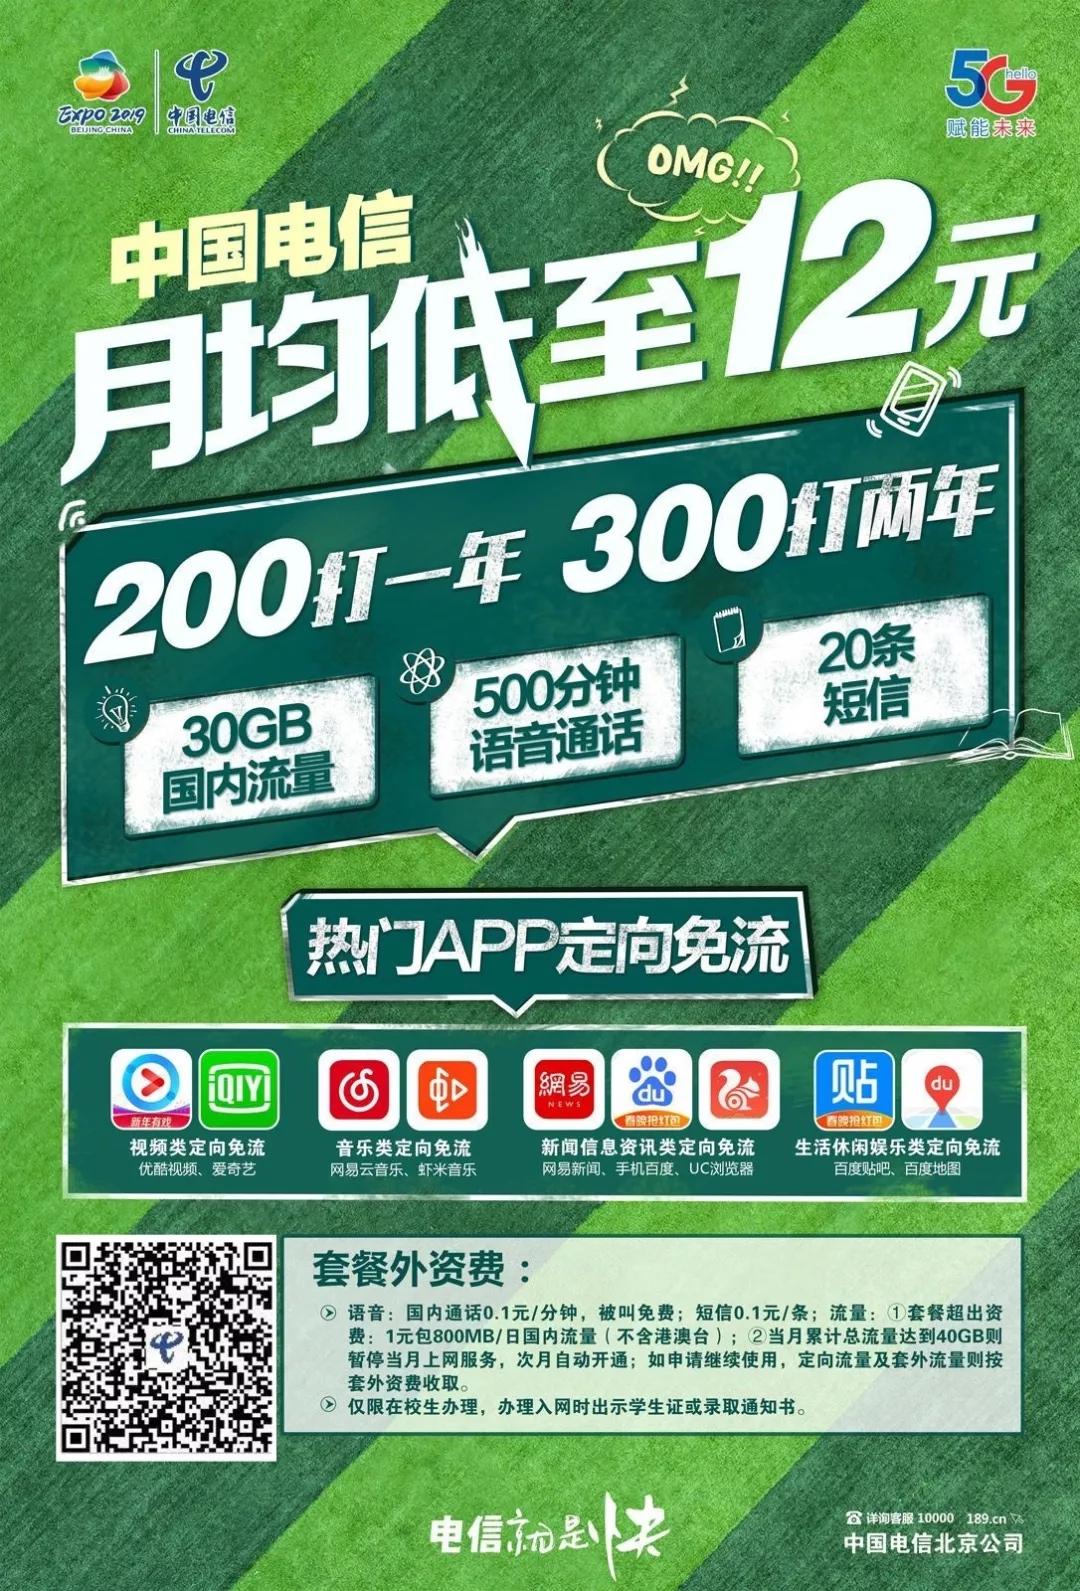 分享-中国电信校园套餐 200 打一年办理及续约